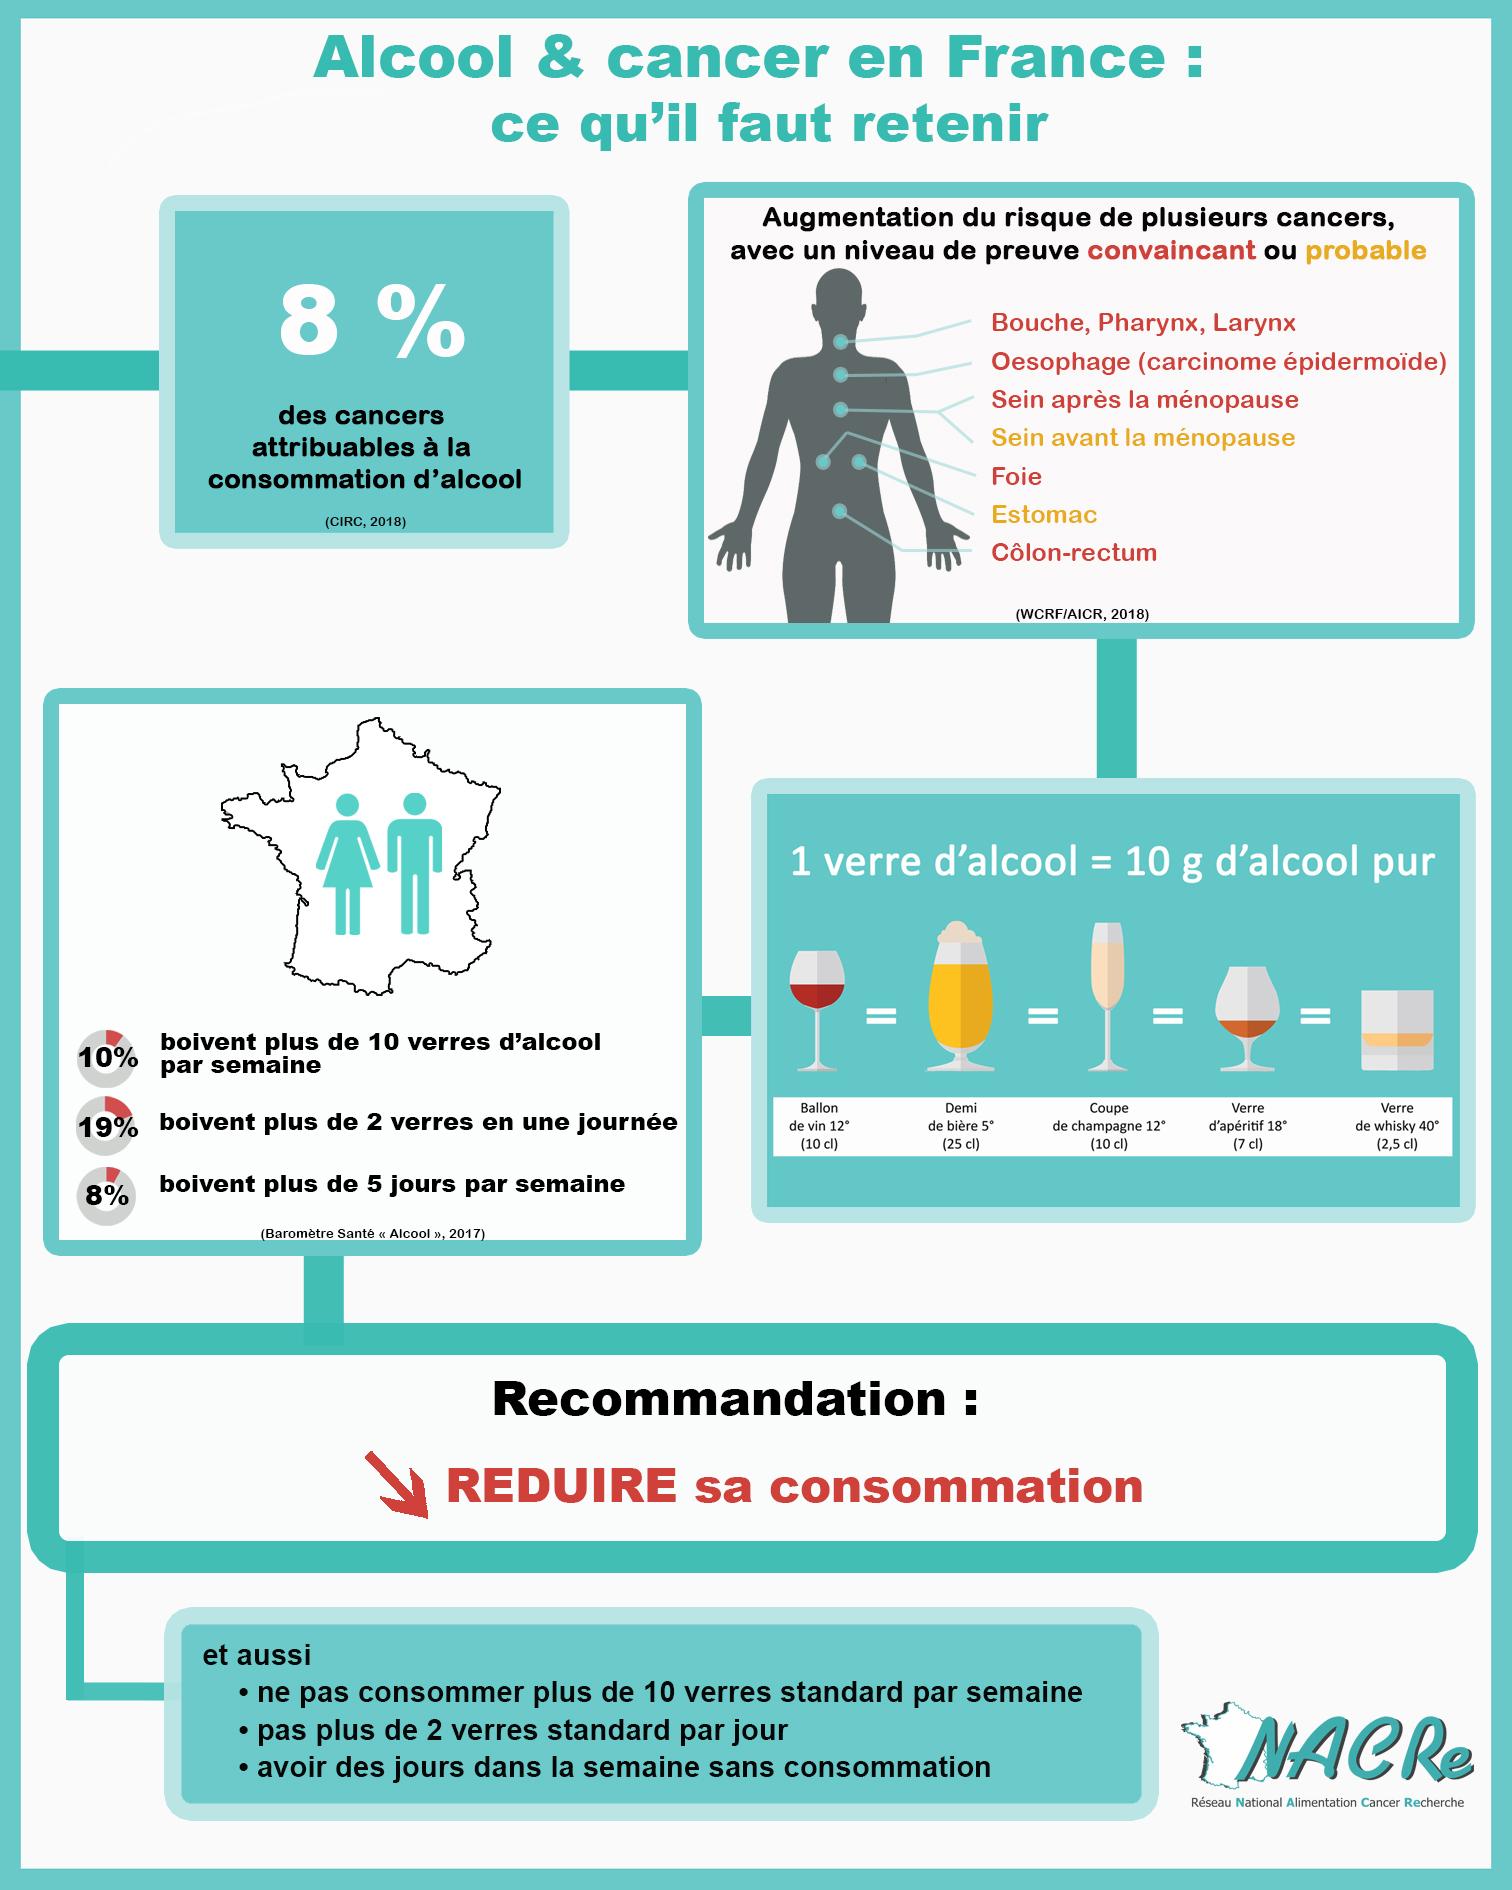 Infographie Alcool et risque de cancer France 2019